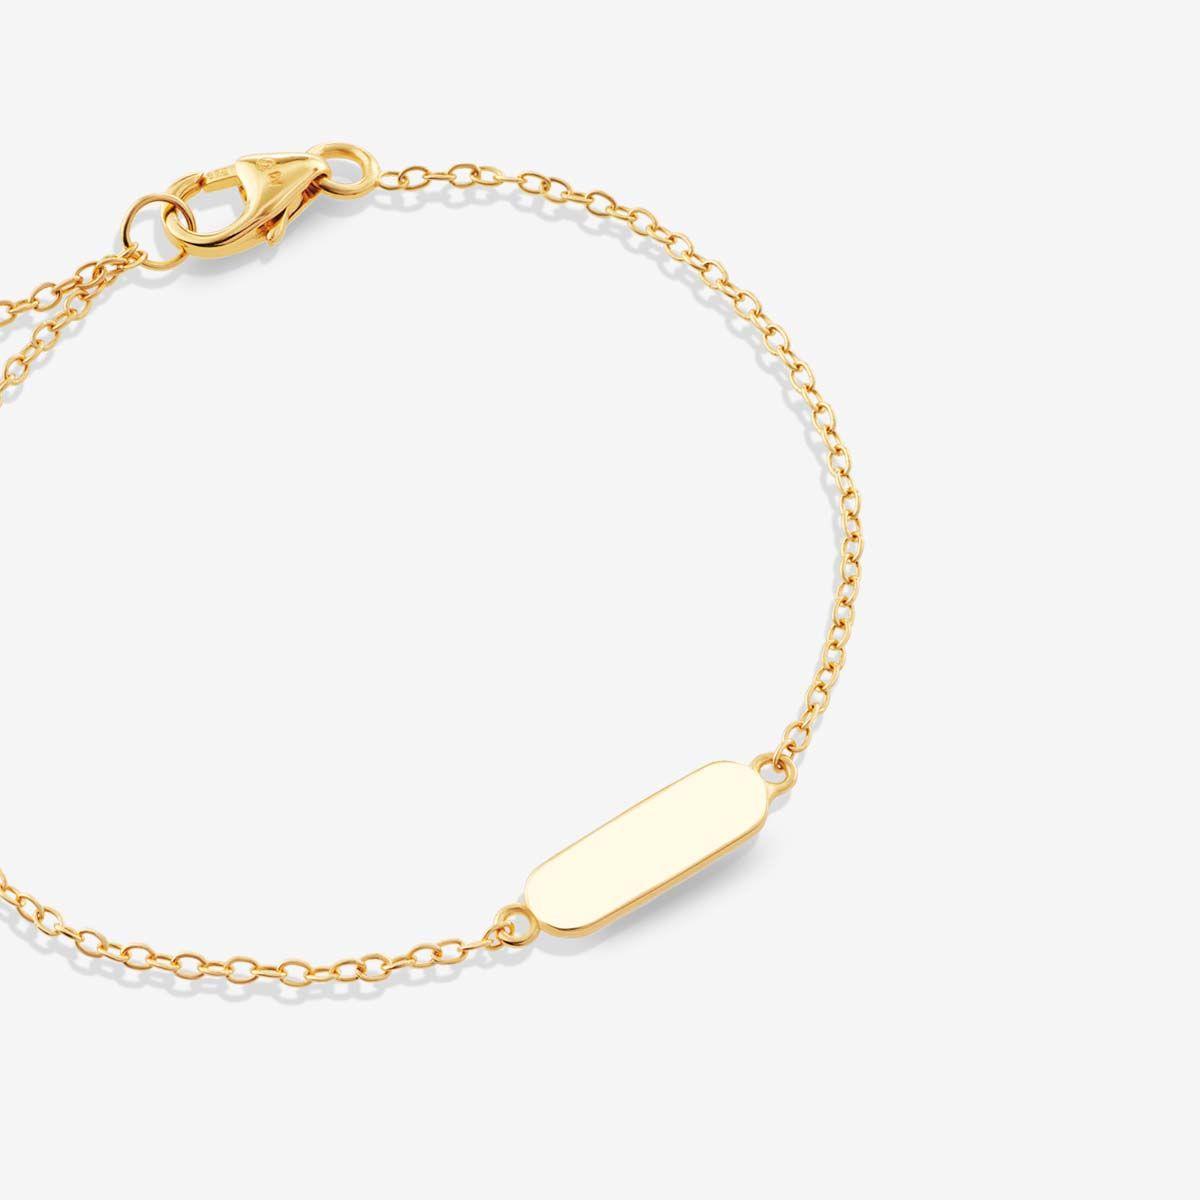 Aaliyah - Armband - 18k vergoldet